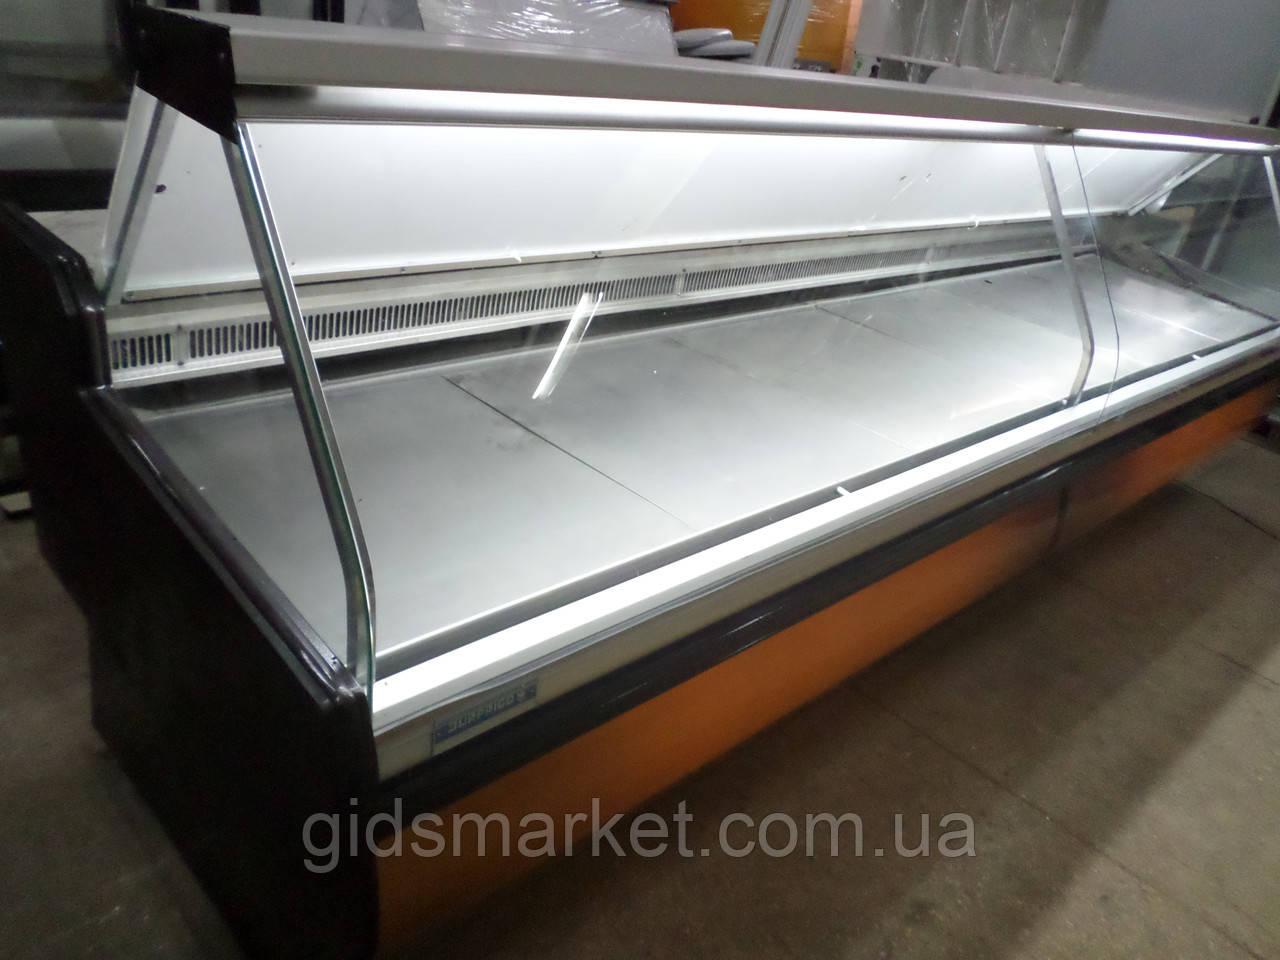 Холодильна вітрина Surfrigo 4 м. бу., гастрономічний прилавок бо.